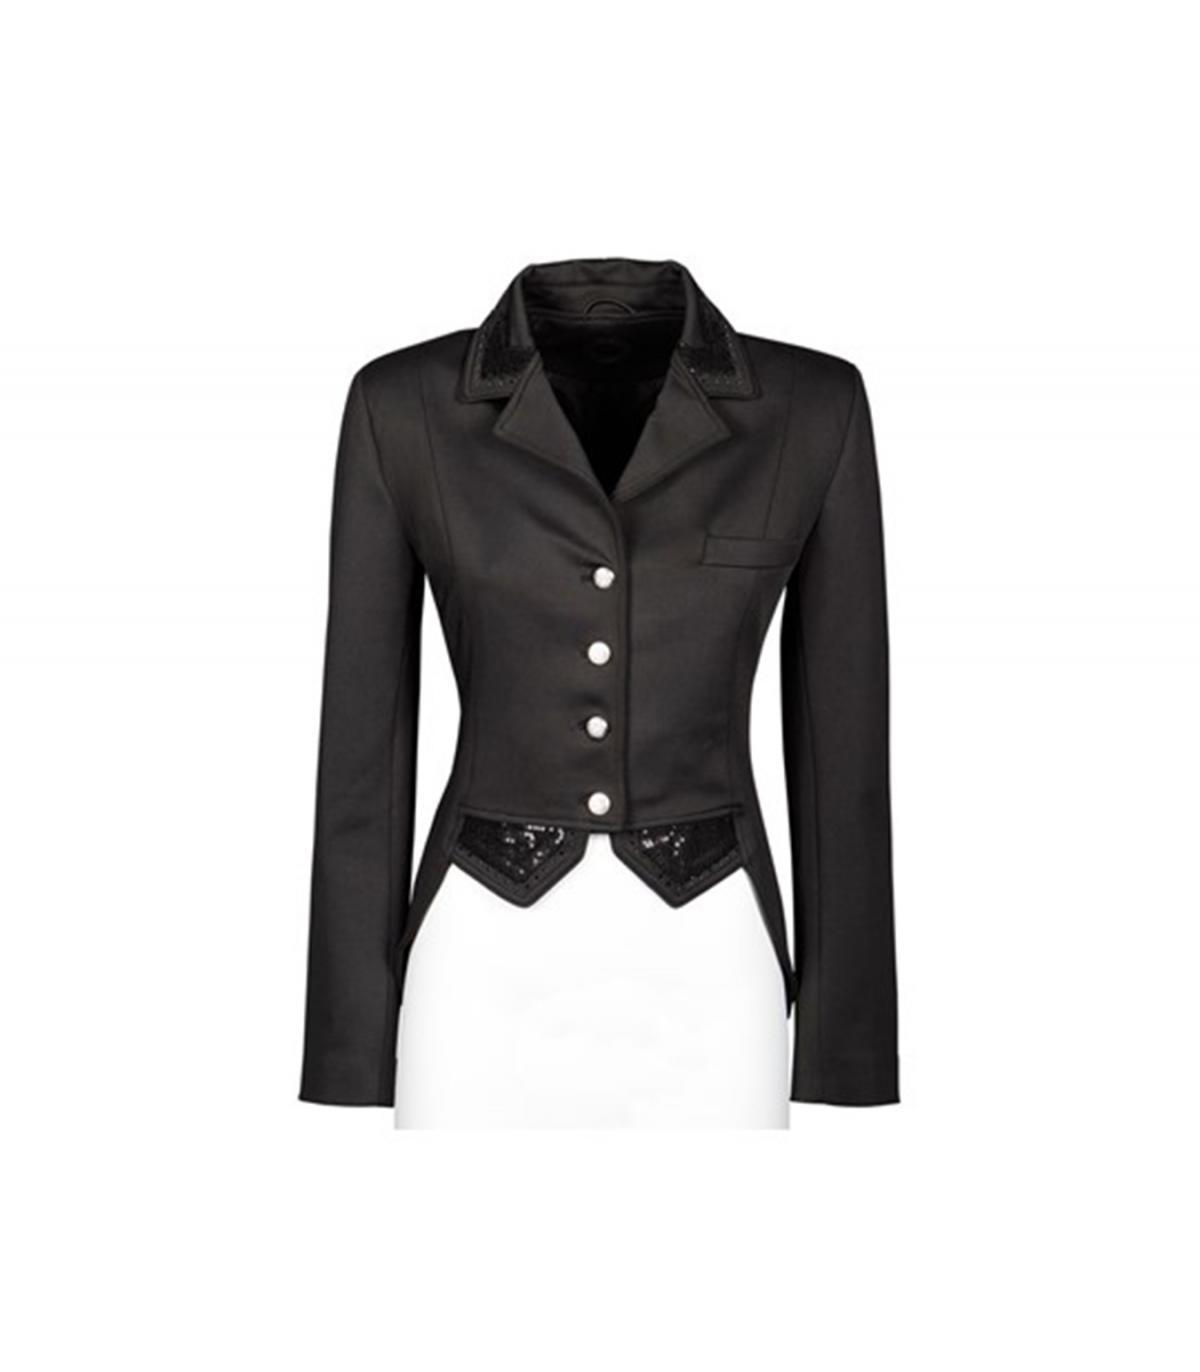 Veste d'equitation femme concours